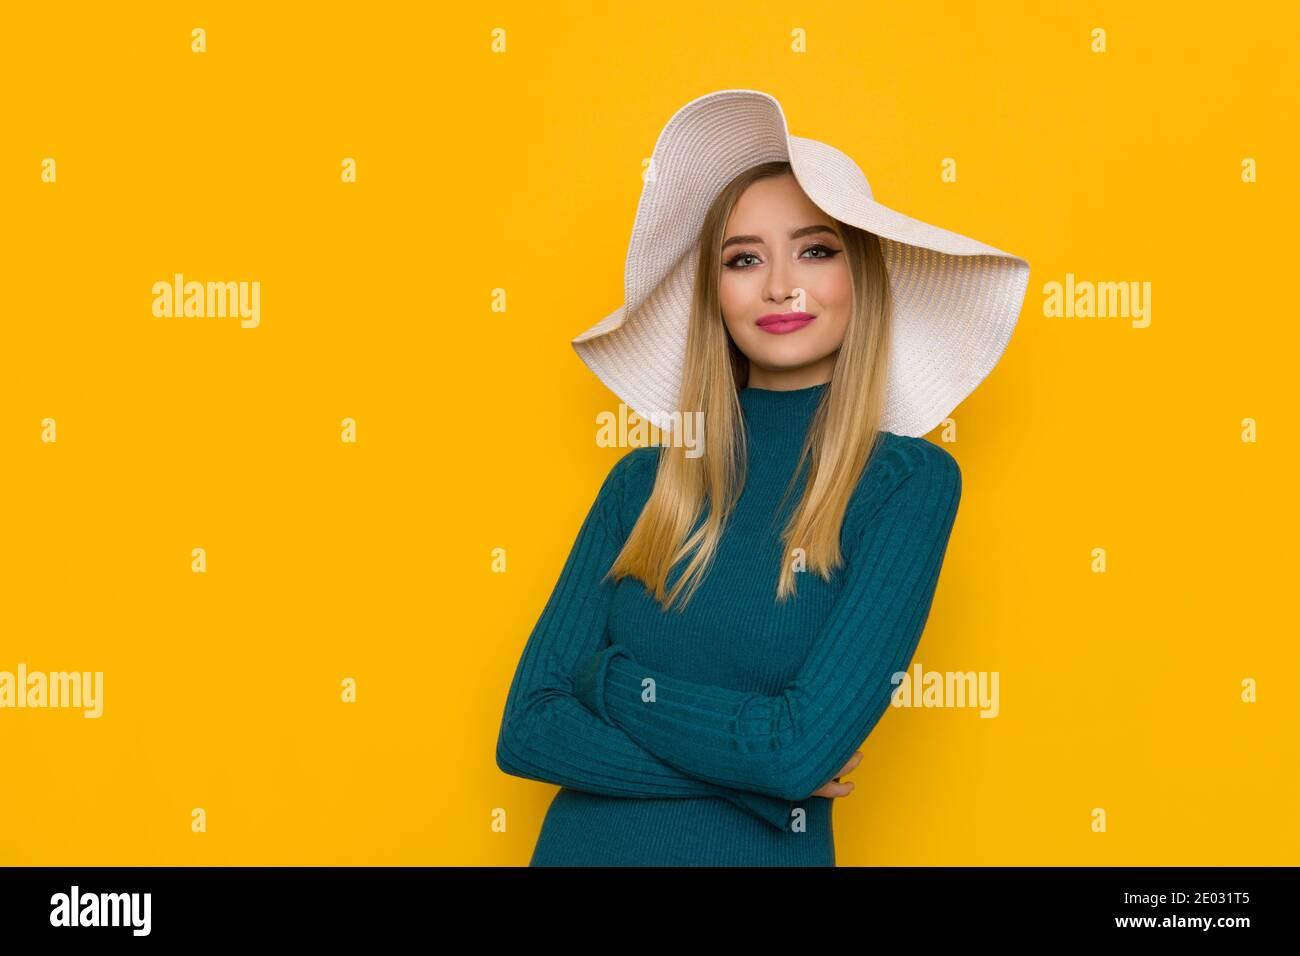 Belle jeune femme en chapeau de soleil blanc et chandail sarcelle pose avec les bras croisés. Taille haute studio tourné sur fond jaune. Banque D'Images